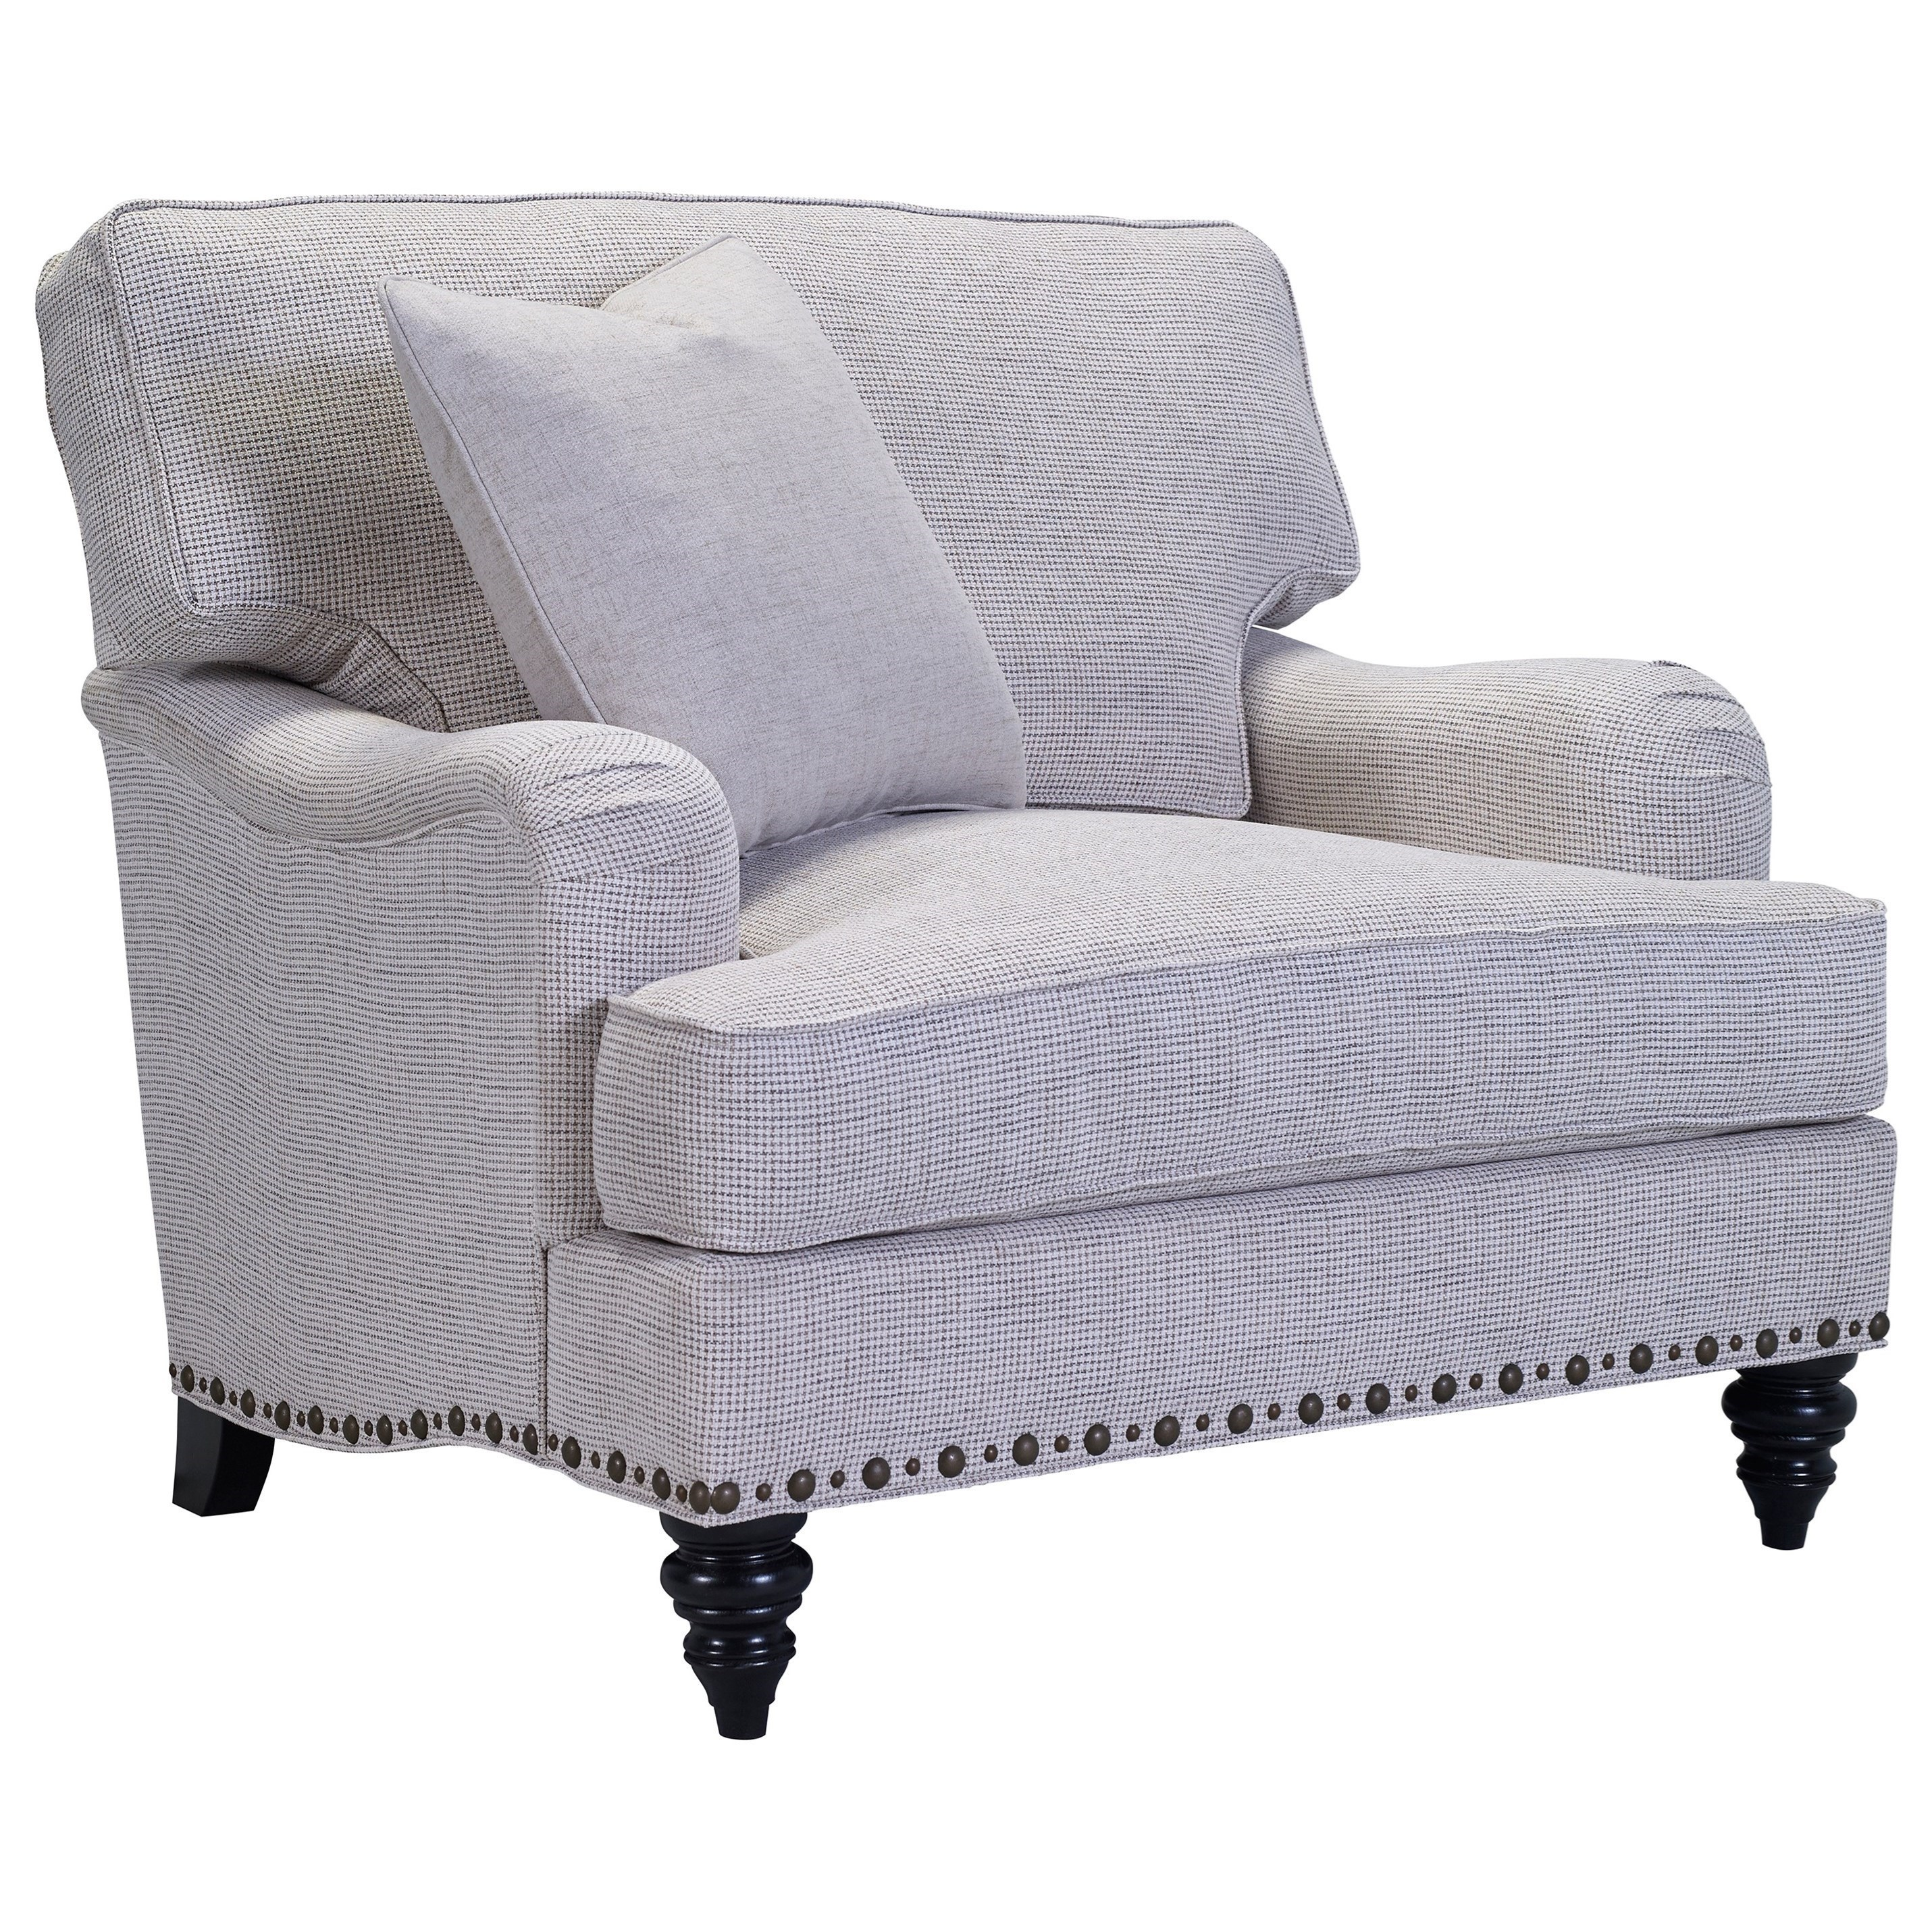 Broyhill Furniture Ester Chair U0026 1/2 With Unique Nailhead Trim   Hudsonu0027s  Furniture   Chair U0026 A Half